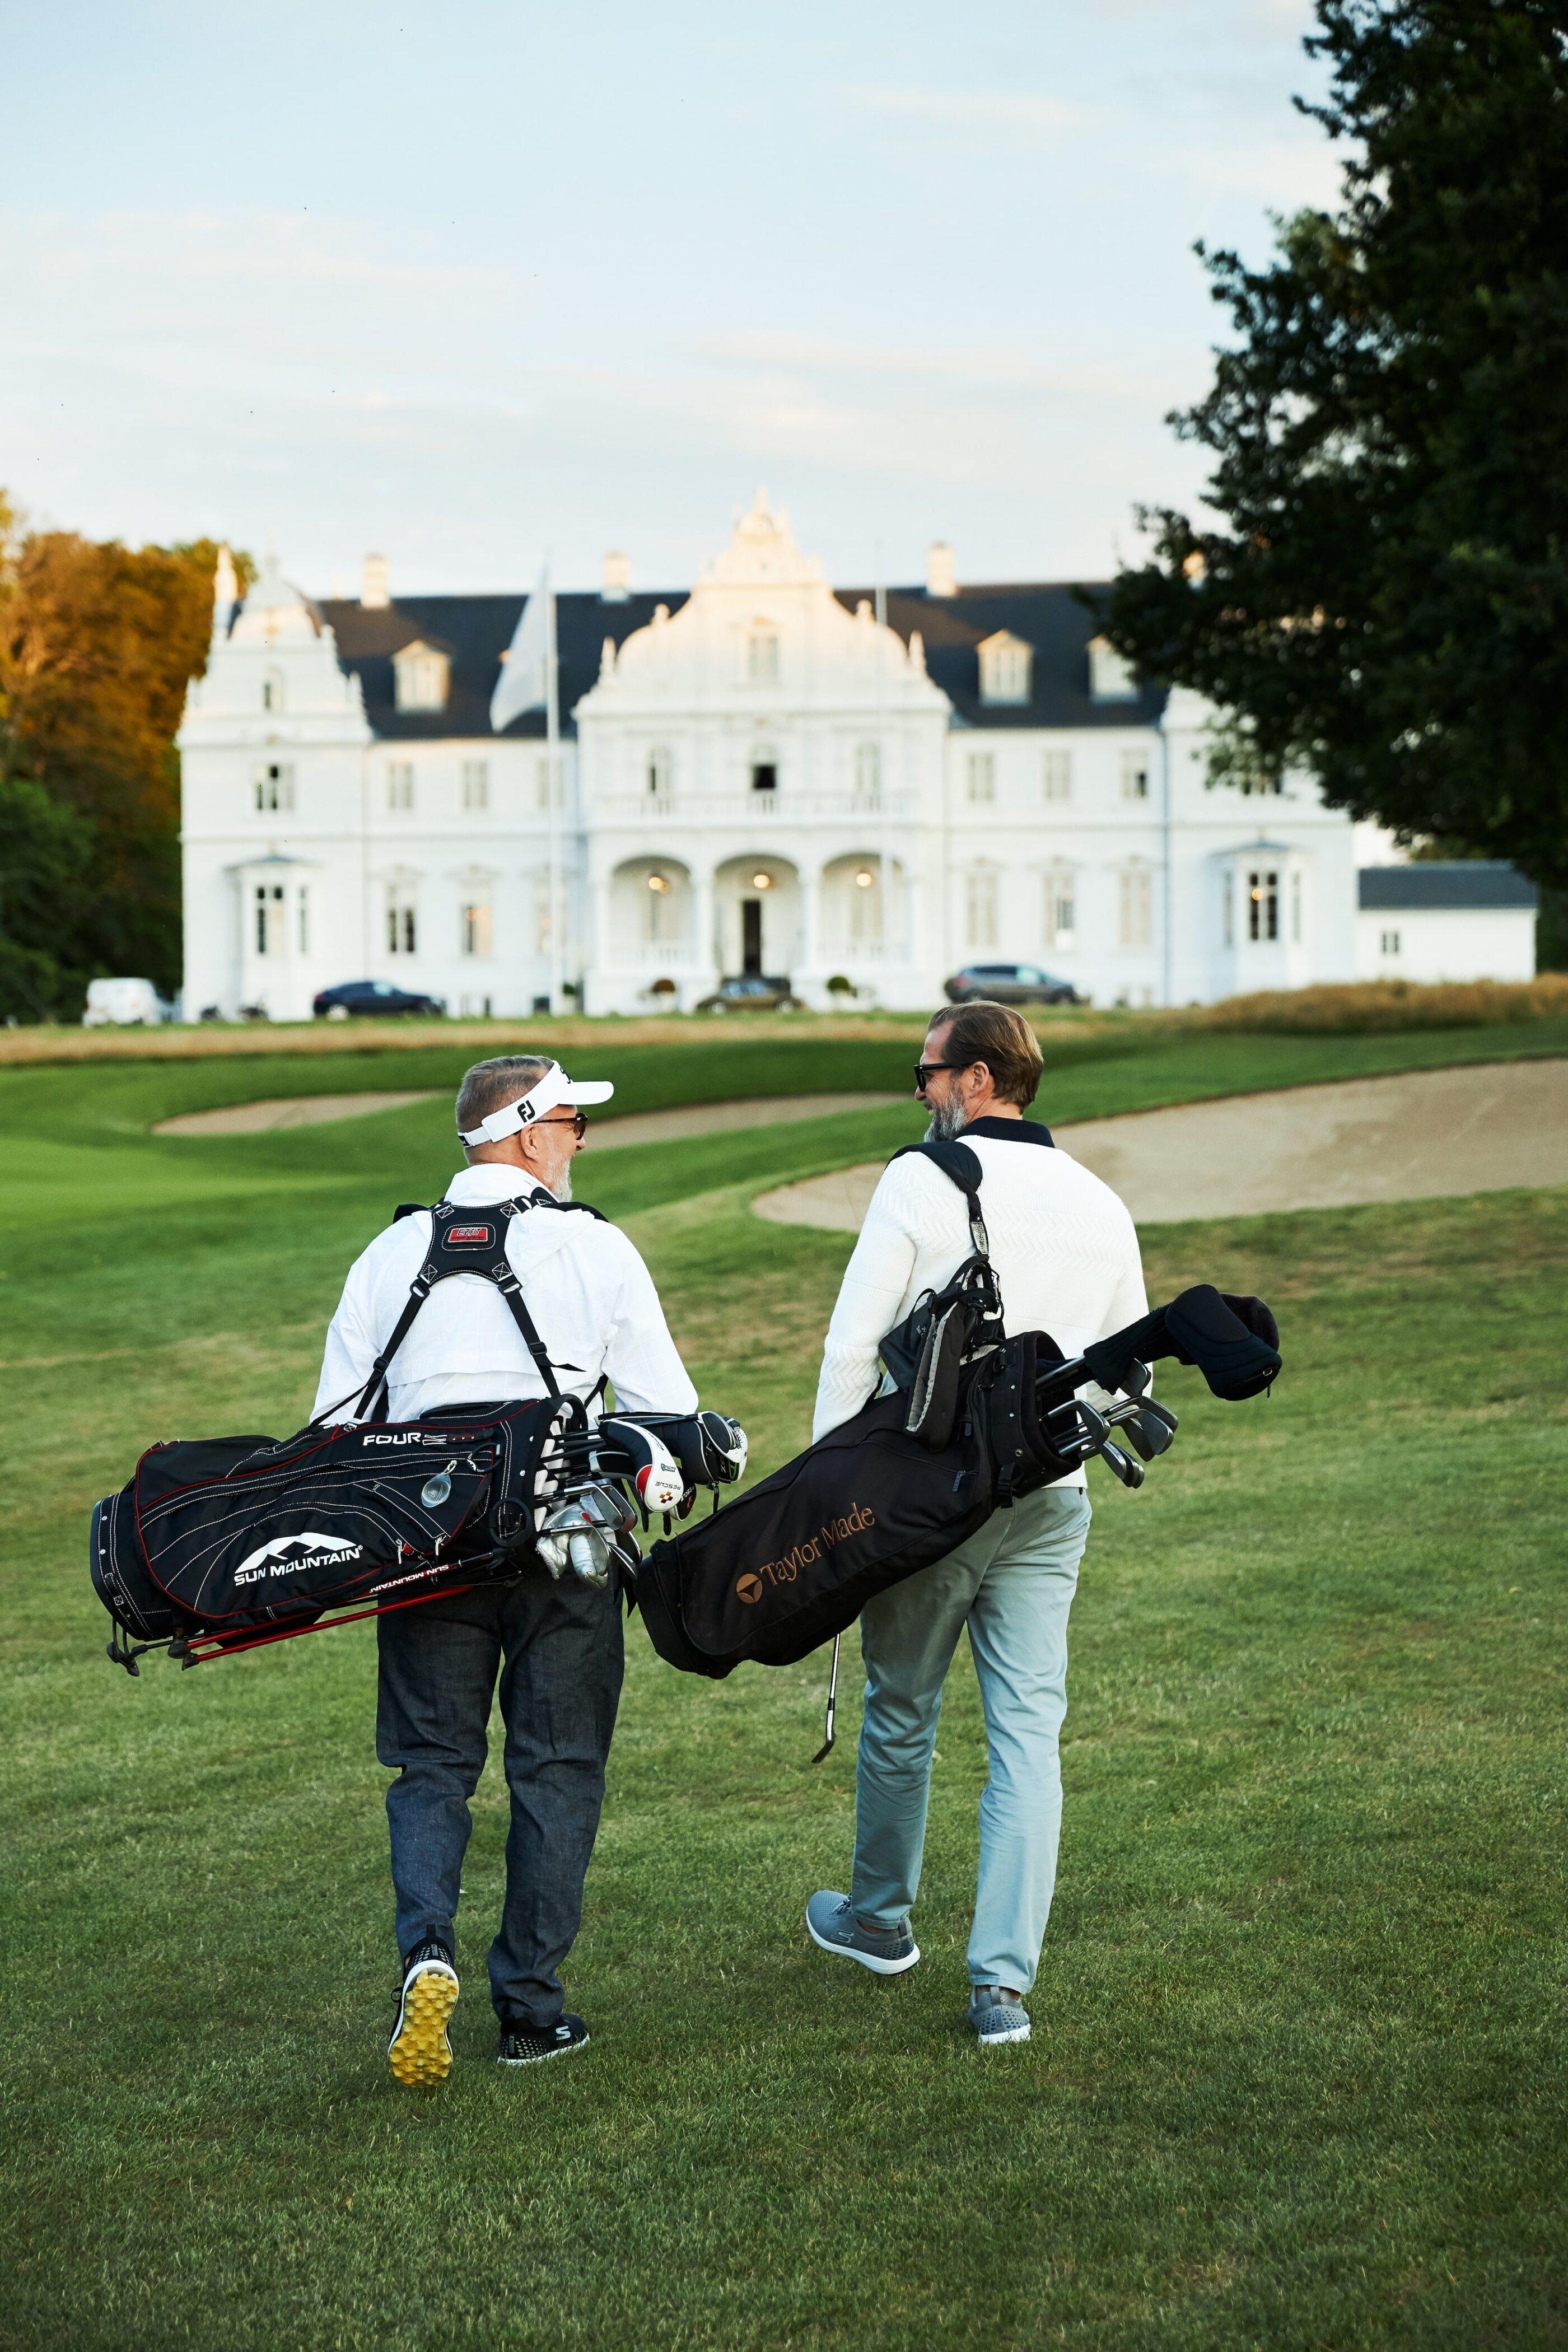 2 mænd går ned af golfbanen med golftasker i armen med udsigt til hotellet i foregrunden